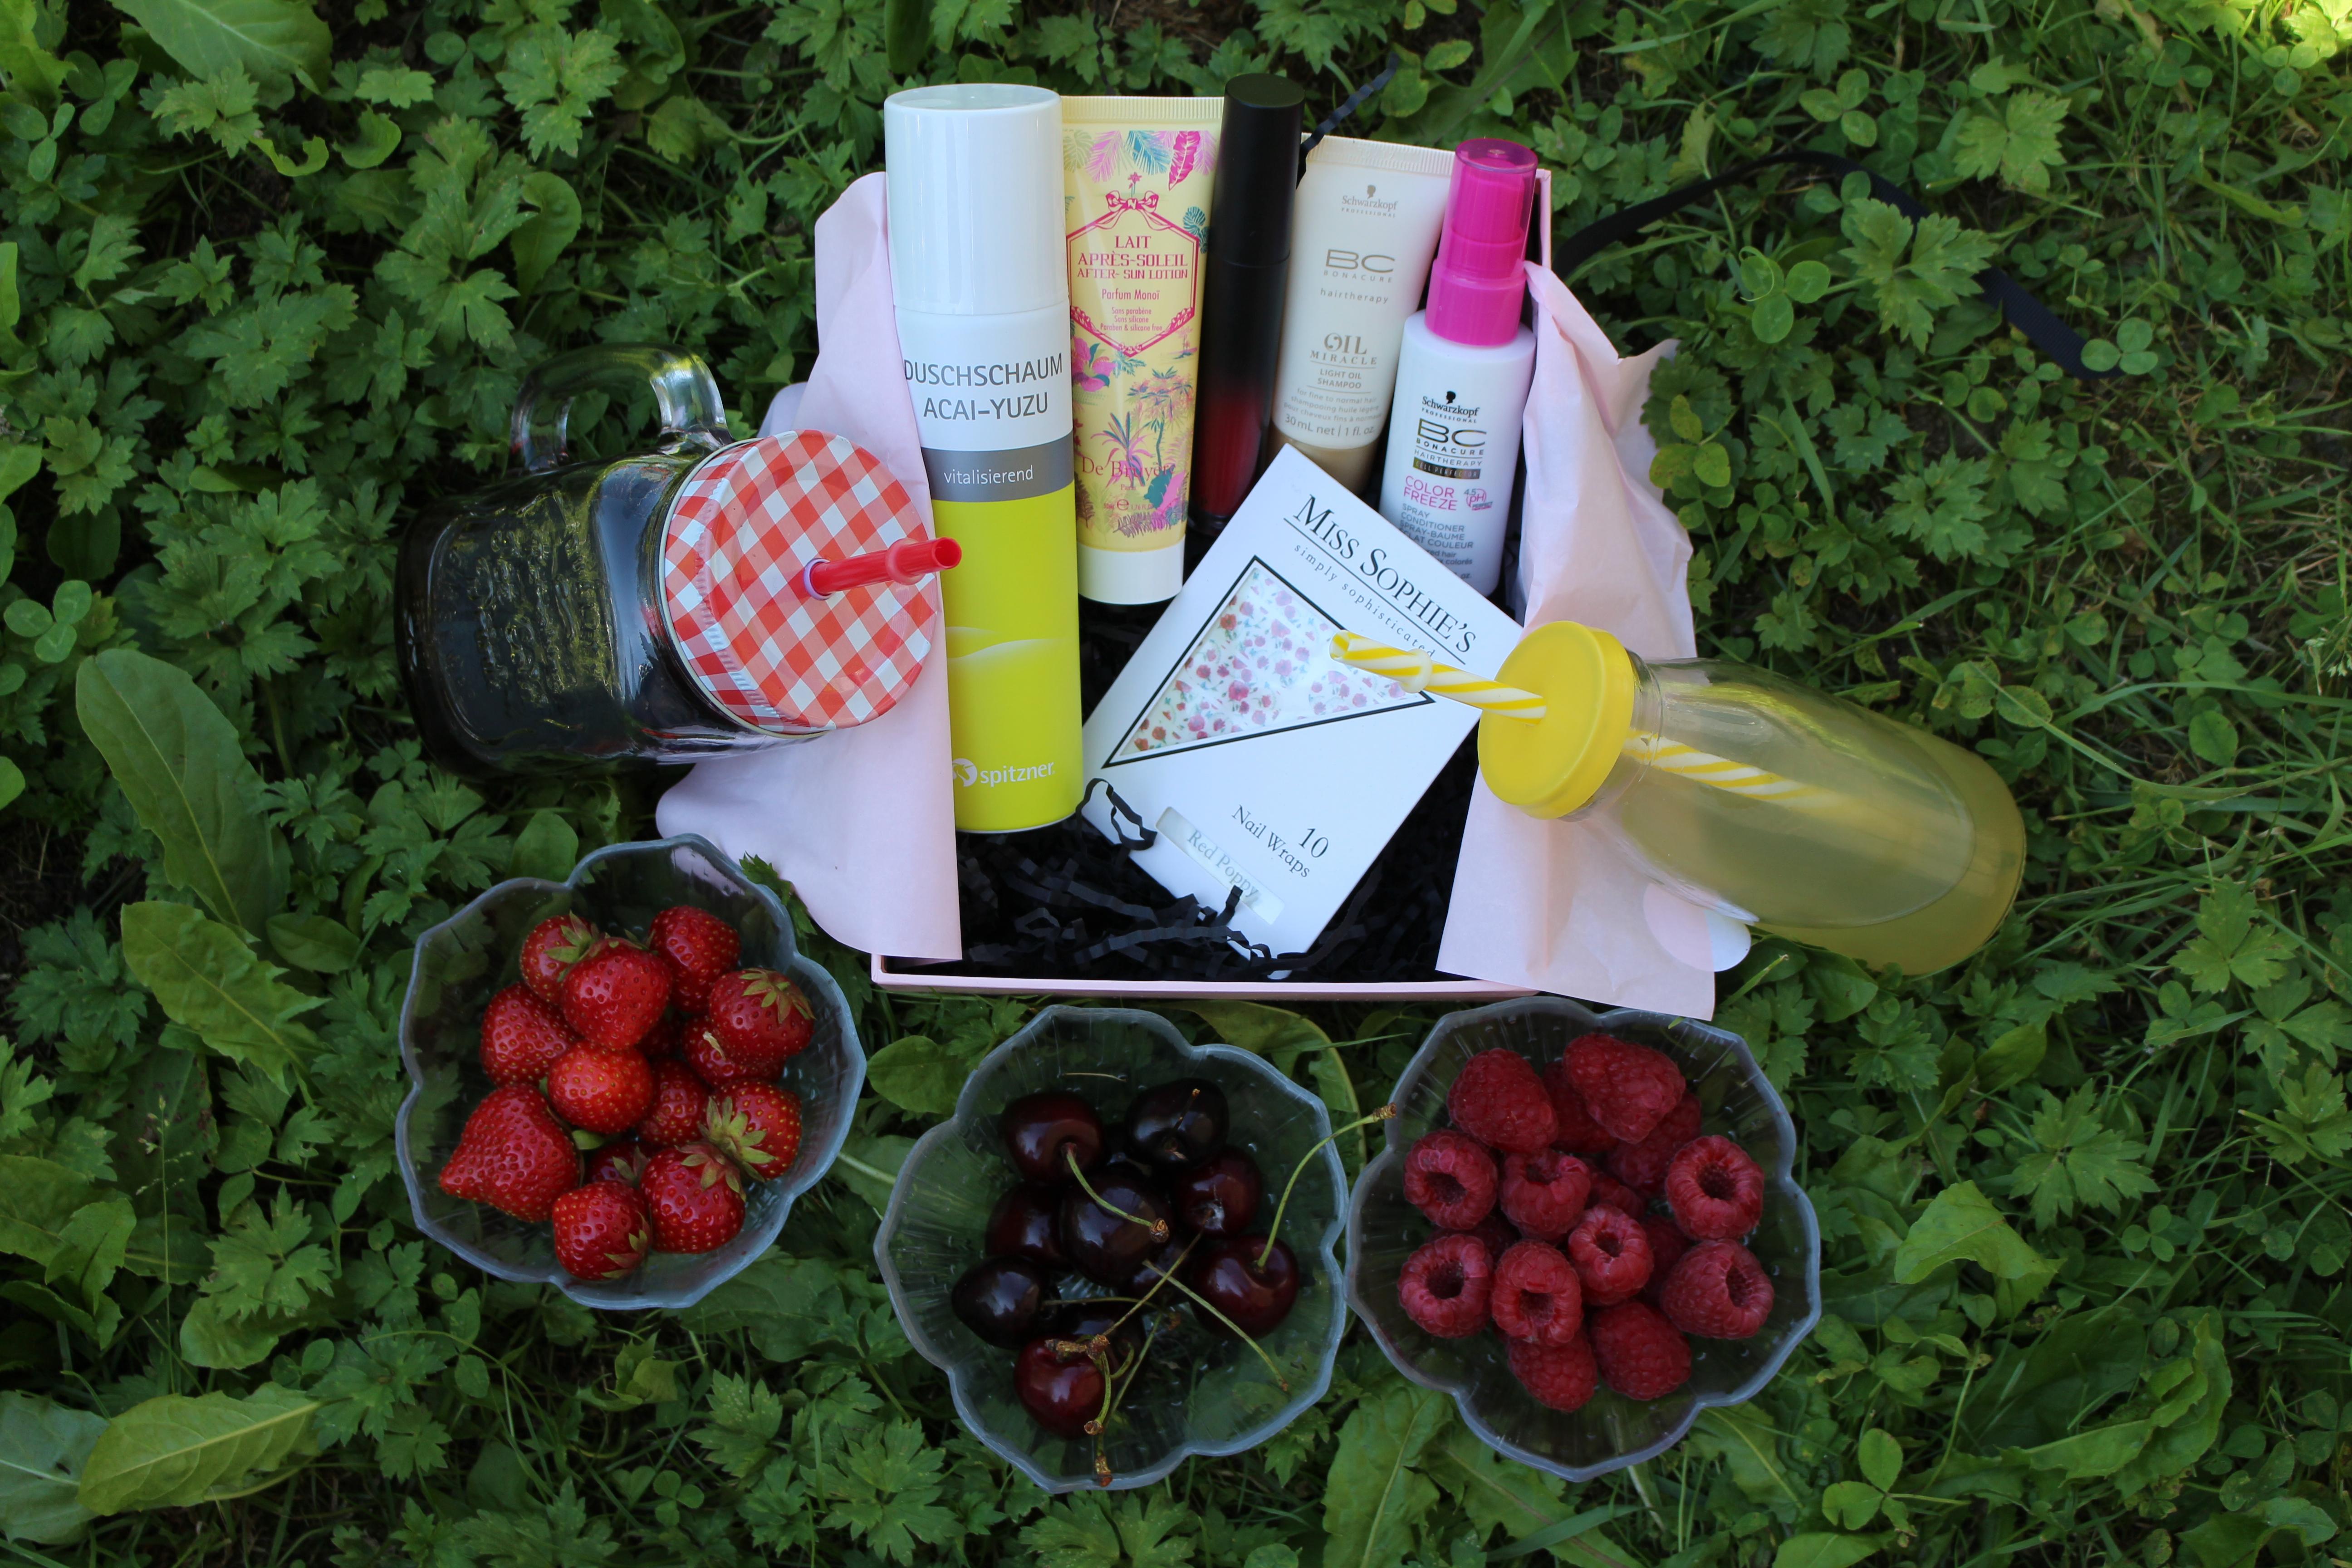 Picknick Glossybox